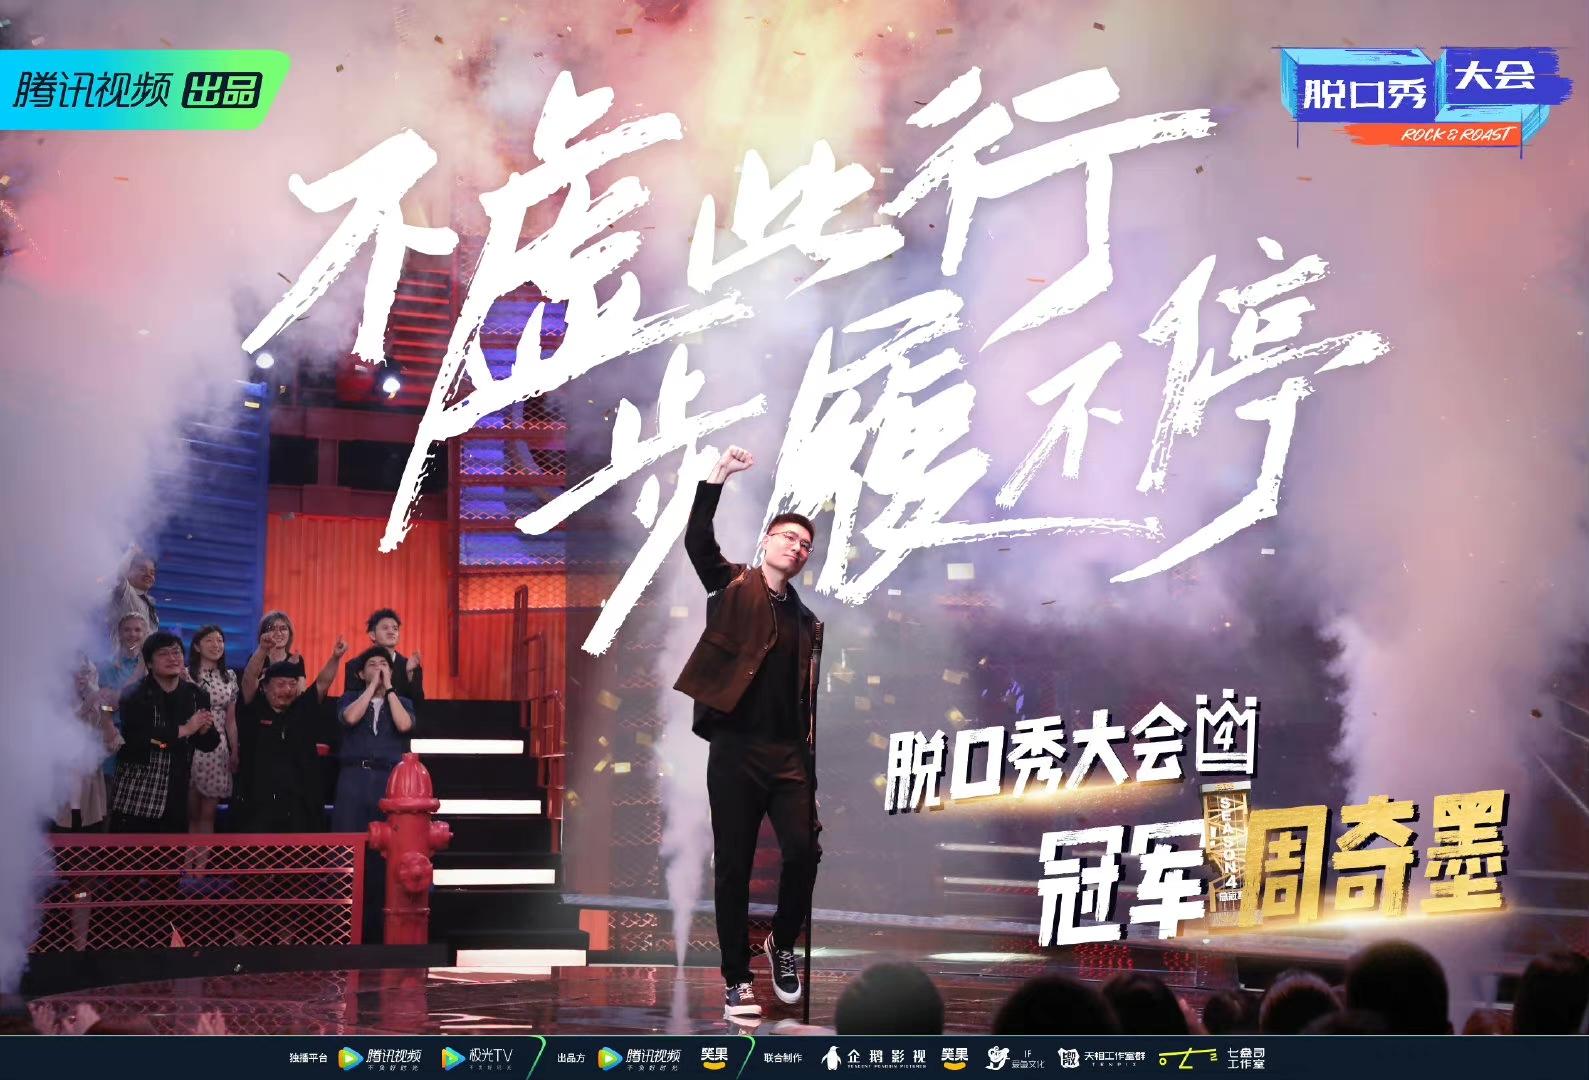 周奇墨脱口秀大会4年度总冠军 庞博荣获第二名何广智居第三名